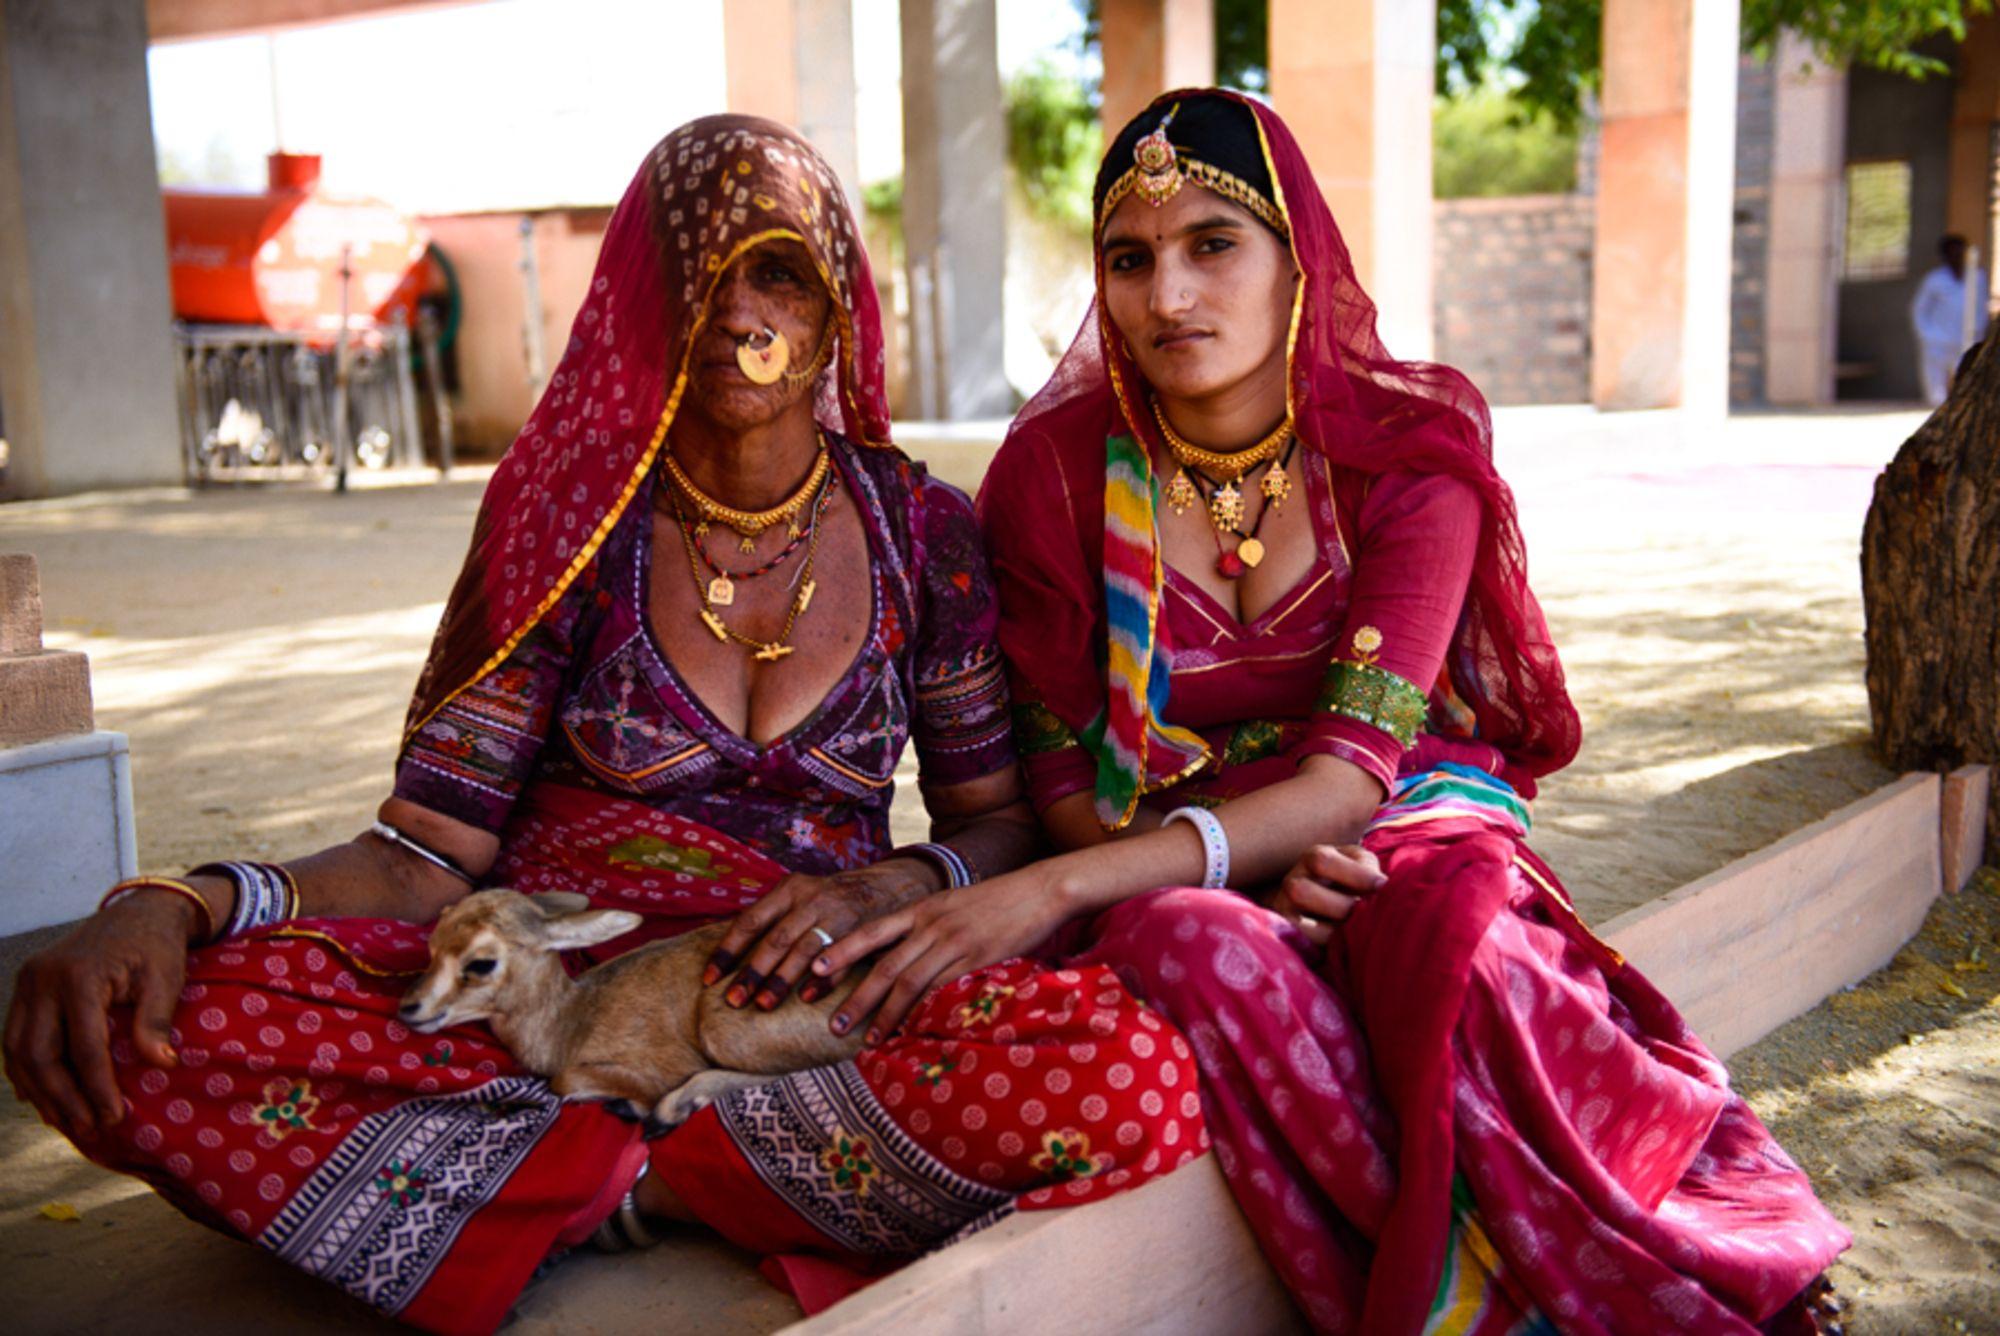 Đạo luật không ăn thịt, không chặt cây trong cộng đồng người Bishnoi